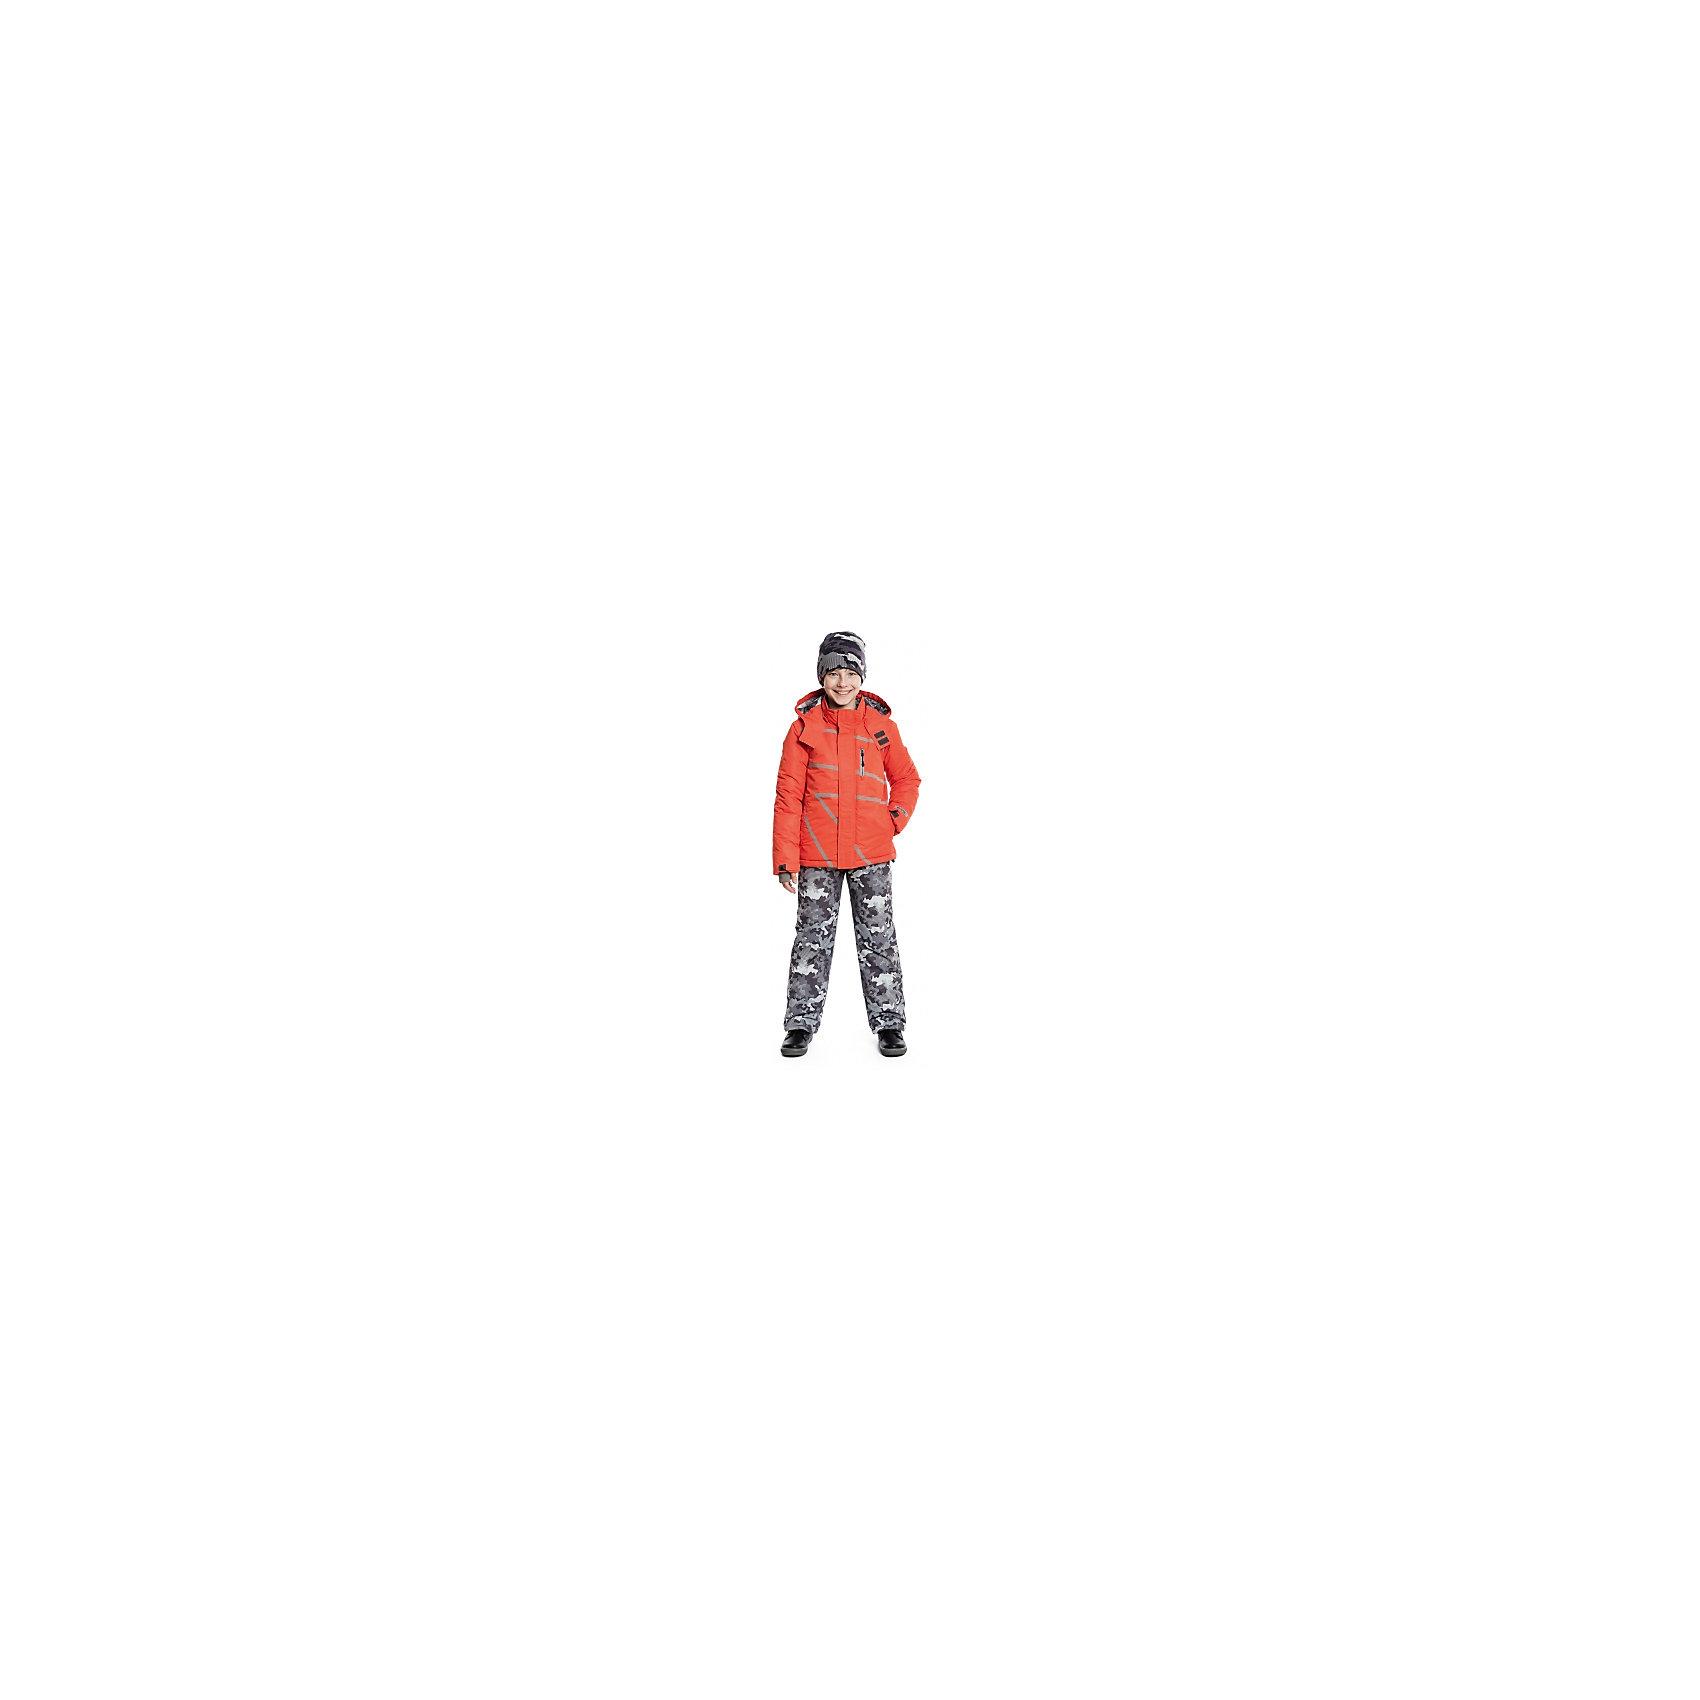 Куртка для мальчика ScoolВерхняя одежда<br>Куртка для мальчика Scool – надежная защита от холода и дождя.<br>Яркая куртка со светоотражающими полосками сделана из непромокаемого материала. Специальная ветрозащитная планка на липучках у капюшона позволяет защитить шею от продувания. Низ куртки можно затянуть стопером. Под внешним слоем, внизу, есть подкладка, застегнув которую, ребенок также будет защищен от ветра. От попадания снега или воды в рукавах на куртке предусмотрены трикотажные манжеты с отверстием для пальца. <br><br>Дополнительная информация:<br><br>- материал: верх и подкладка – 100% полиэстер, наполнитель 100% полиэстер<br>- цвет: оранжевый<br><br>Куртку для мальчика Scool можно купить в нашем интернет магазине.<br><br>Ширина мм: 356<br>Глубина мм: 10<br>Высота мм: 245<br>Вес г: 519<br>Цвет: оранжевый<br>Возраст от месяцев: 156<br>Возраст до месяцев: 168<br>Пол: Мужской<br>Возраст: Детский<br>Размер: 164,134,140,146,152,158<br>SKU: 4911551